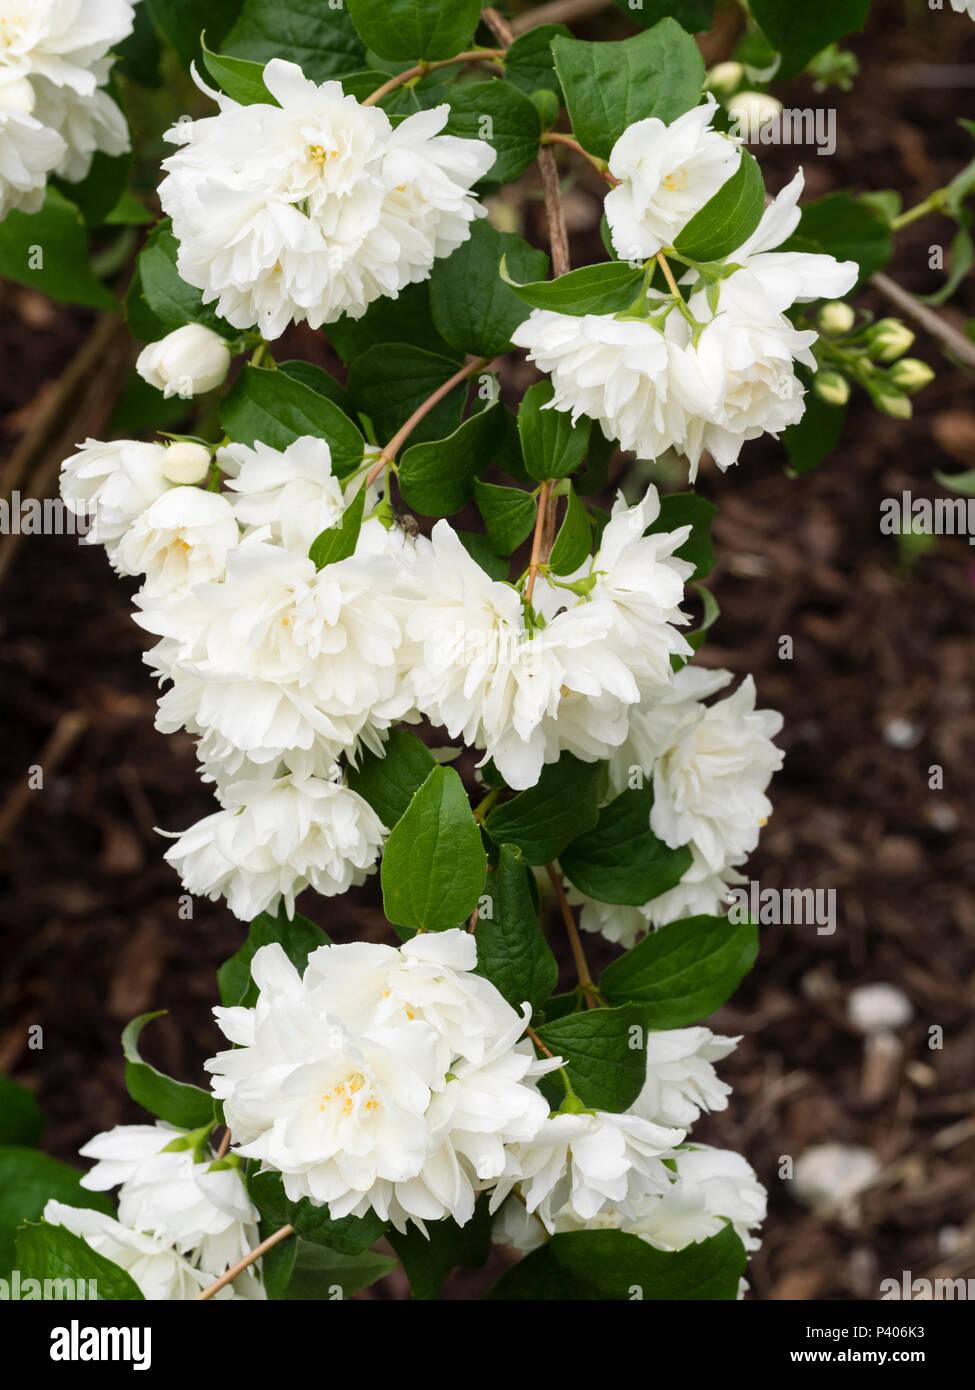 White Flowering Philadelphus Mock Orange Flowers Fragrant Stock